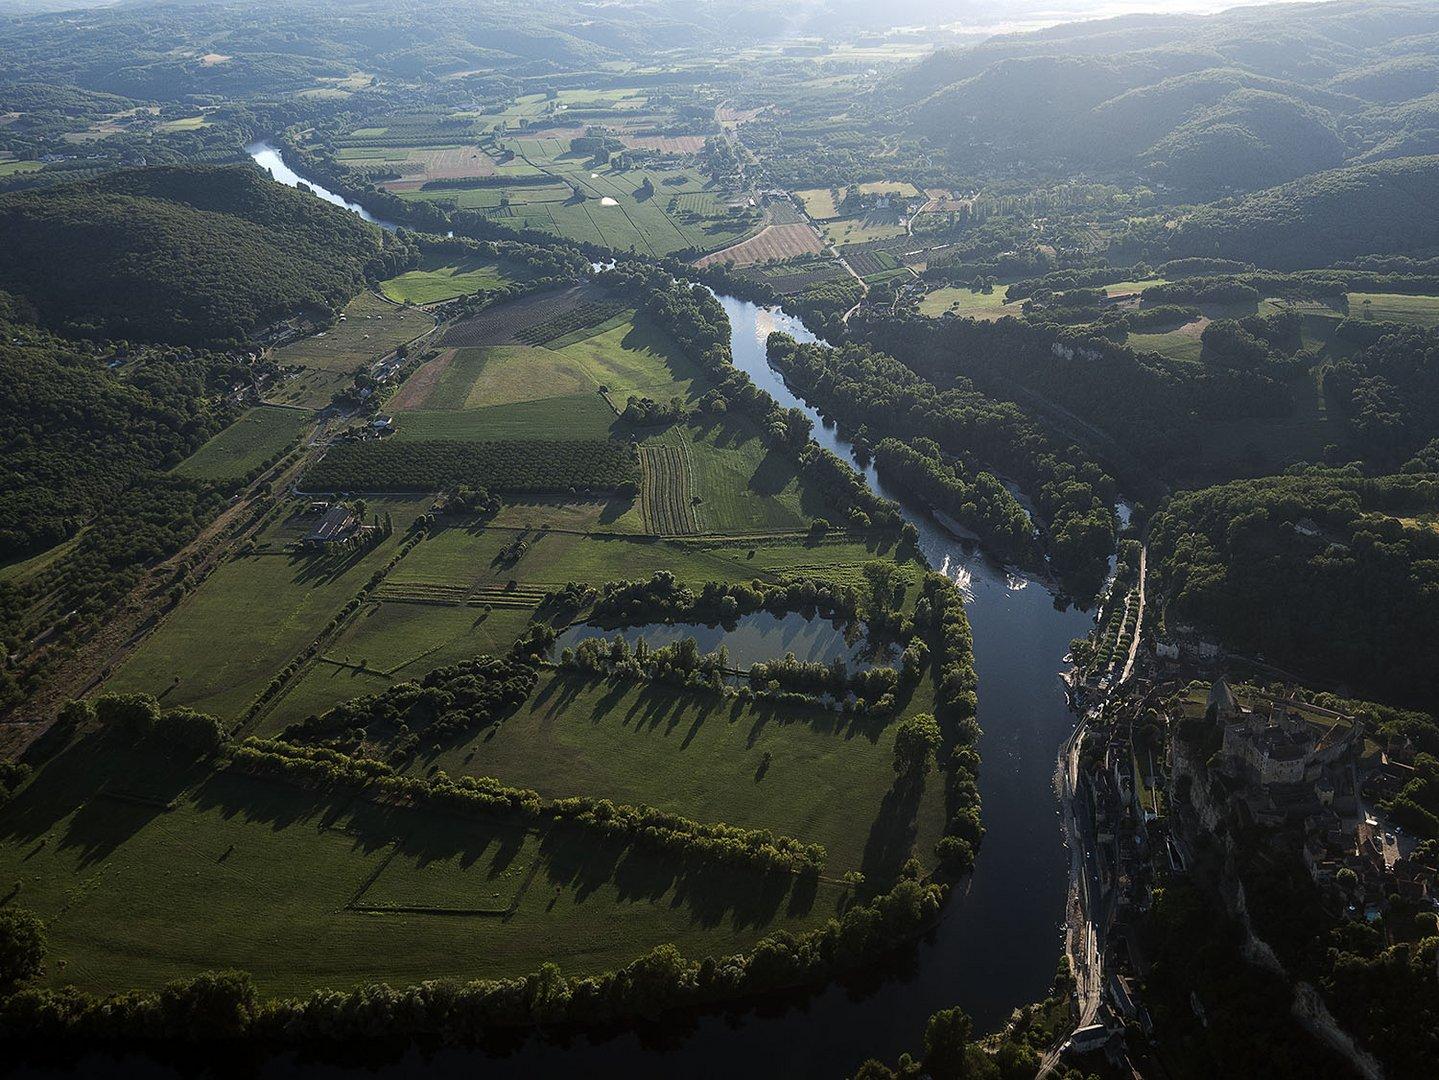 La rivière Espérance vue du ciel